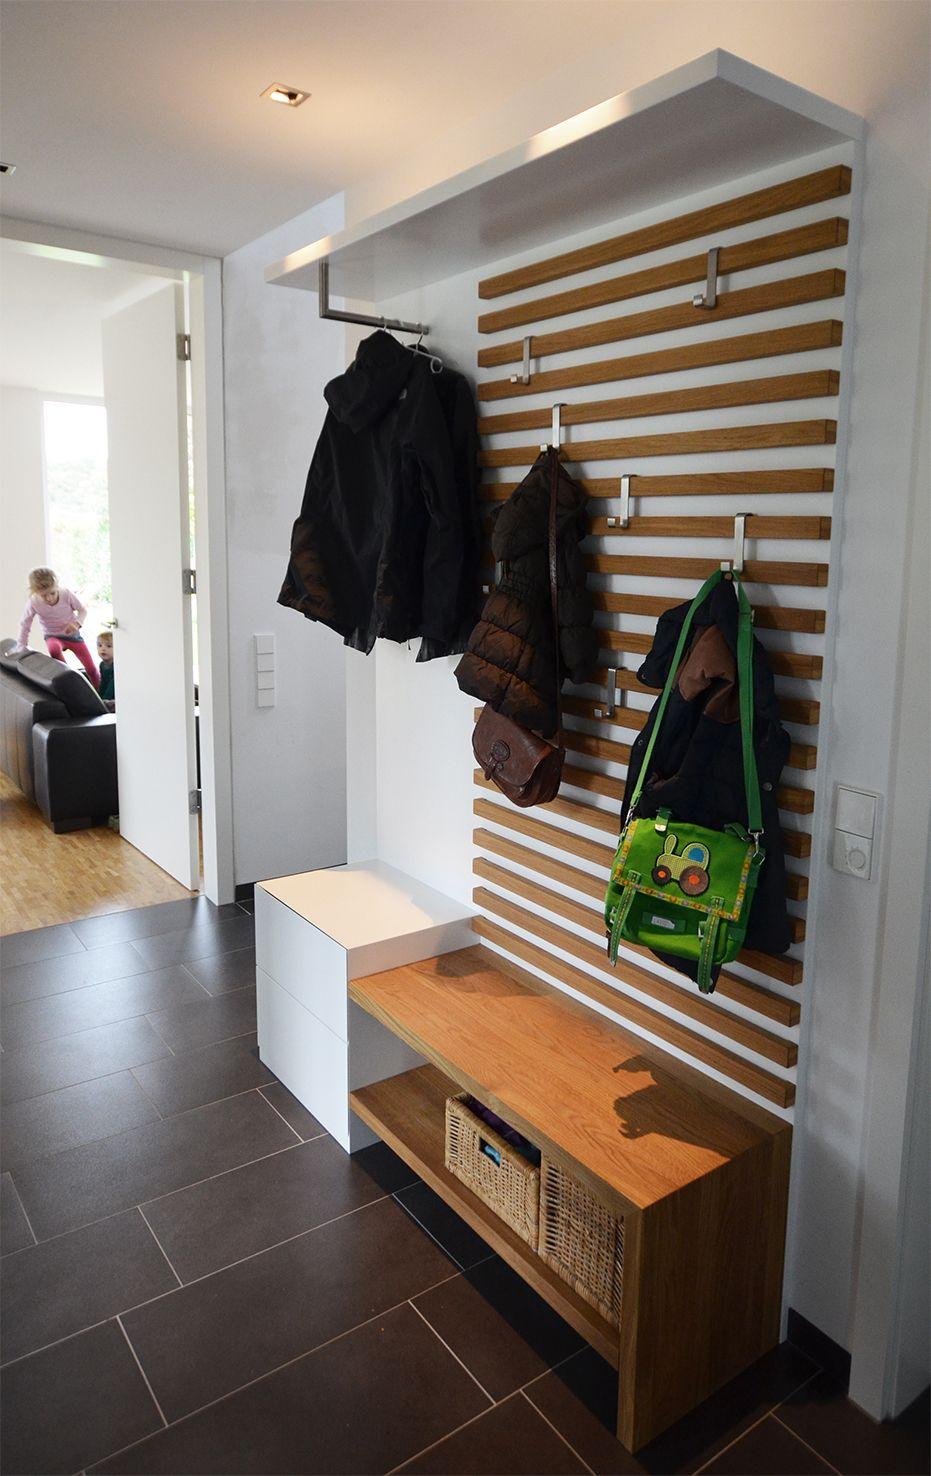 Die tolle Garderobe kann bestellt werden nach euren Wunschmaßen und wird sogar verschickt! #Garderobe #Eiche #Kindergarderobe #Nordhorn #Deutschland #Tischler #Gästegarderobe #bestellen